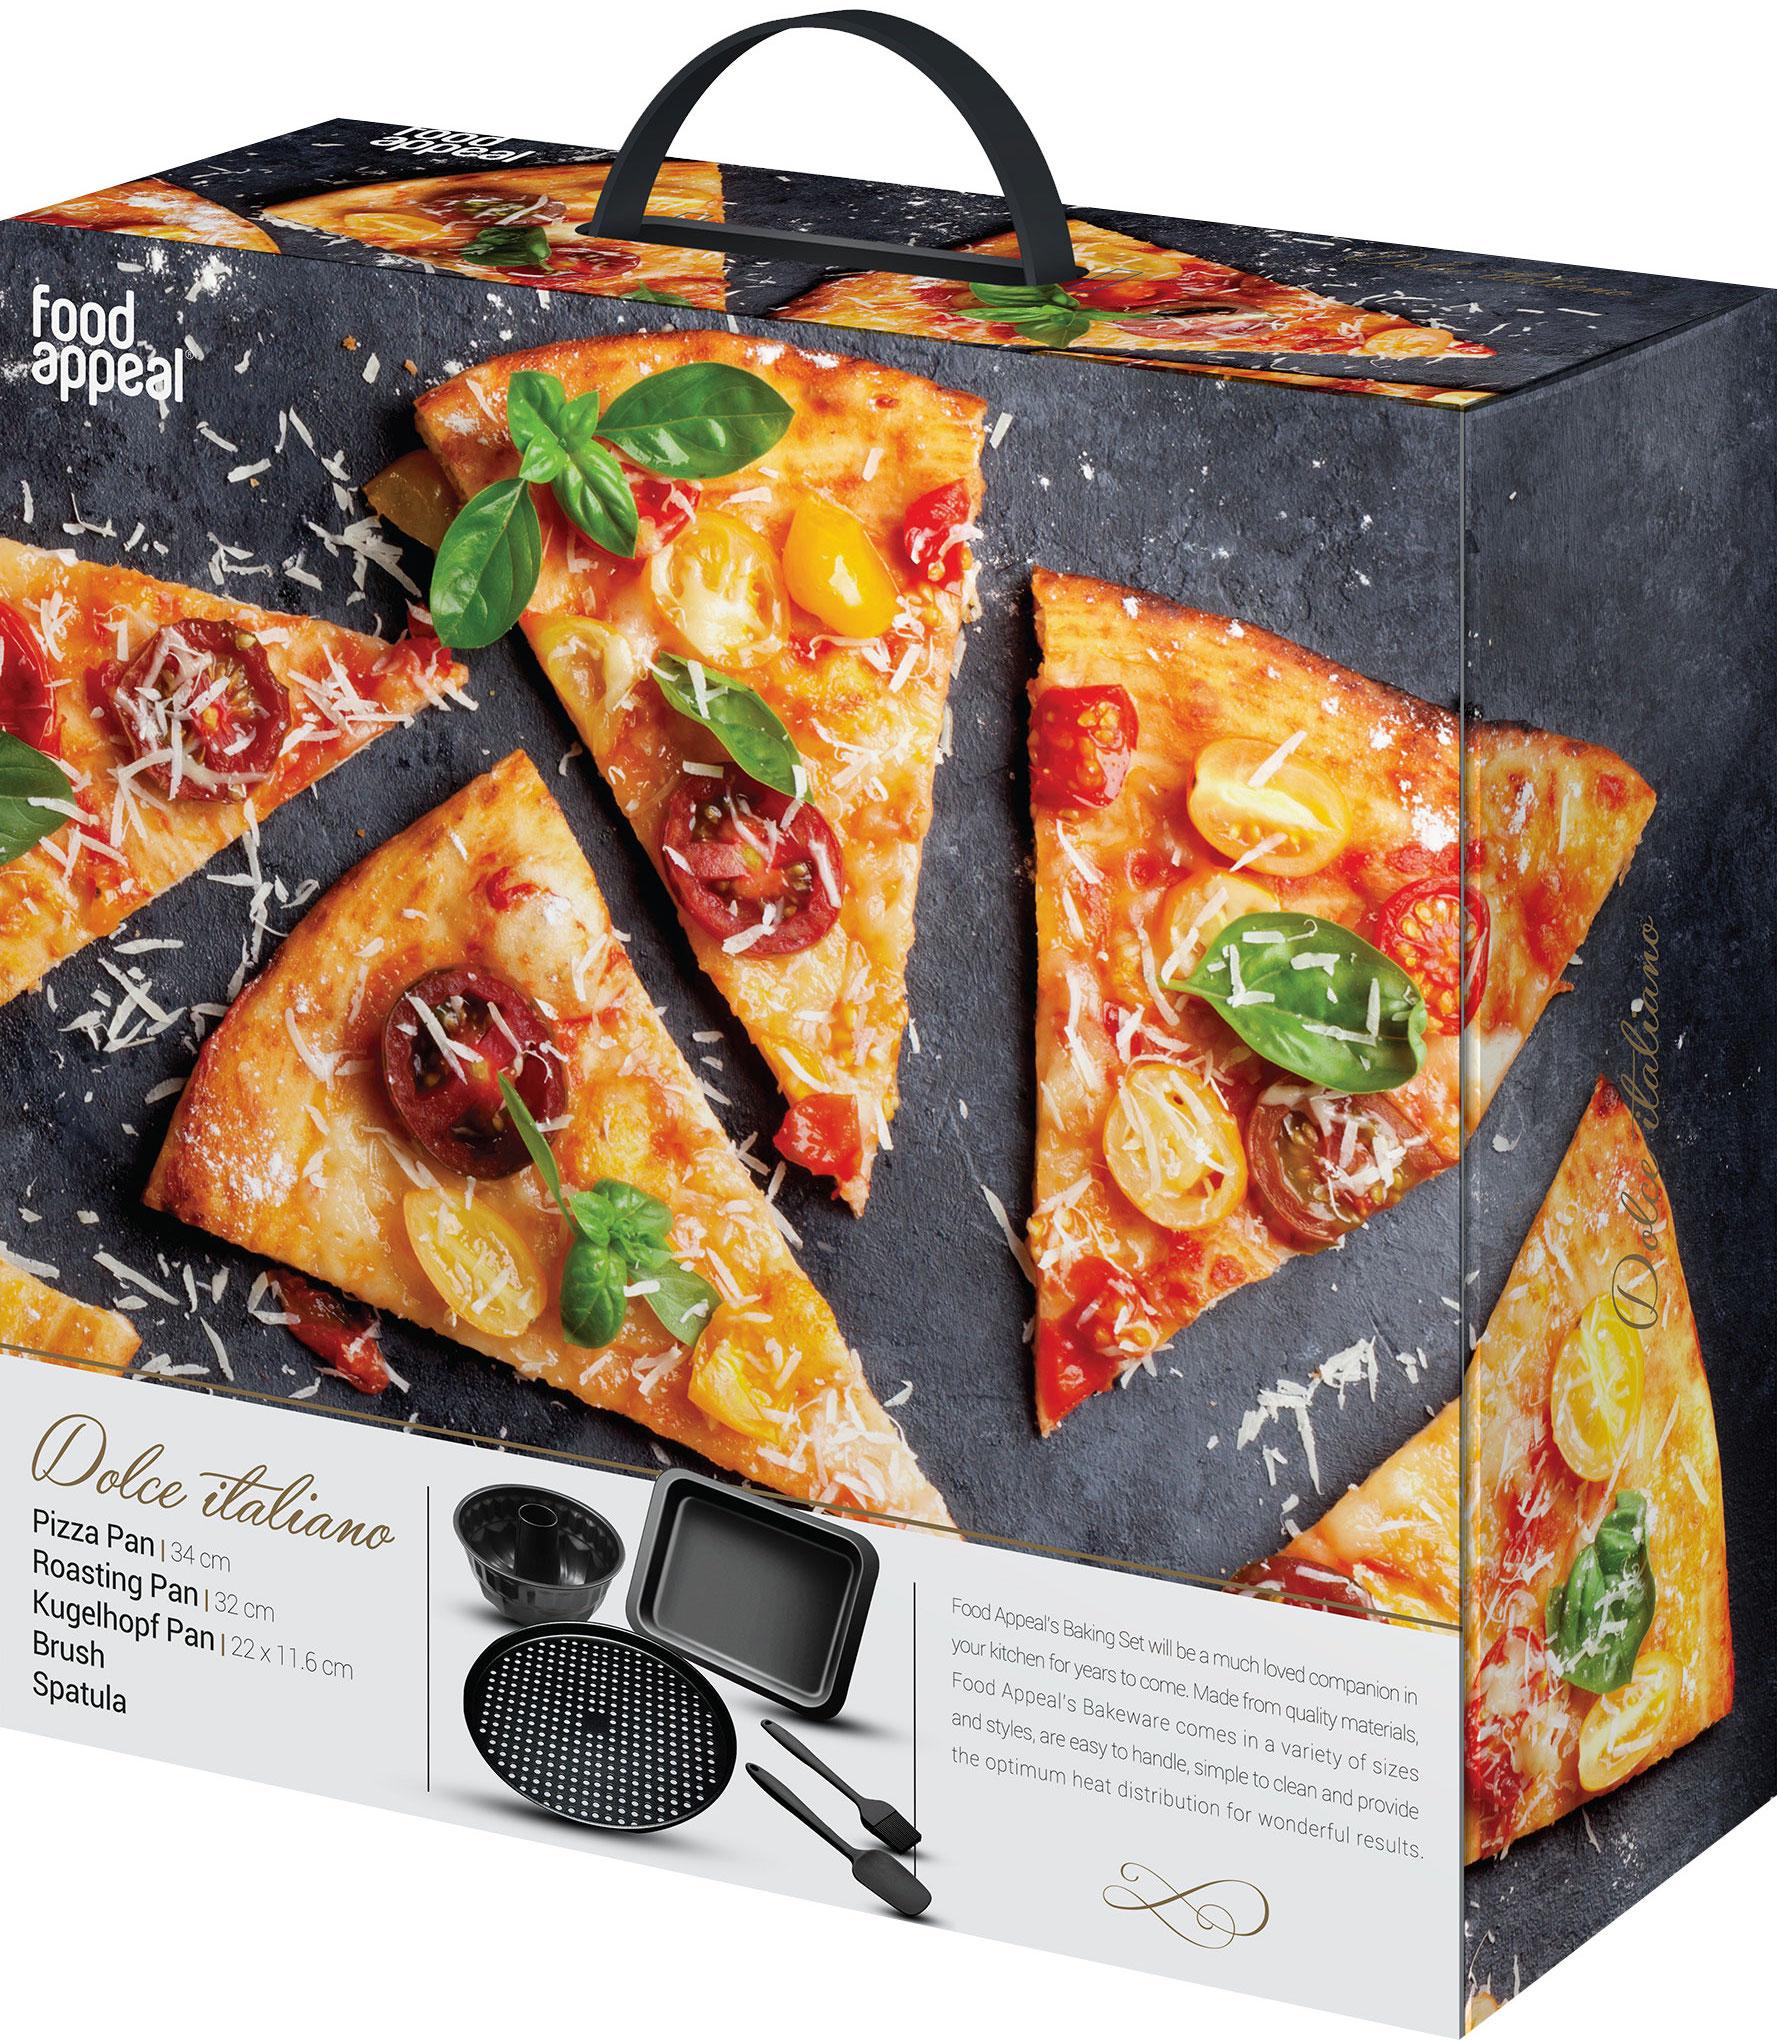 """סט אפייה 5 חלקים תבנית פיצה מחוררת 34 ס""""מ + תבנית רוסטר 25 × 32 ס""""מ + תבנית קוגלהוף 12 × 22 ס""""מ + לקקן מבית Food Appeal"""